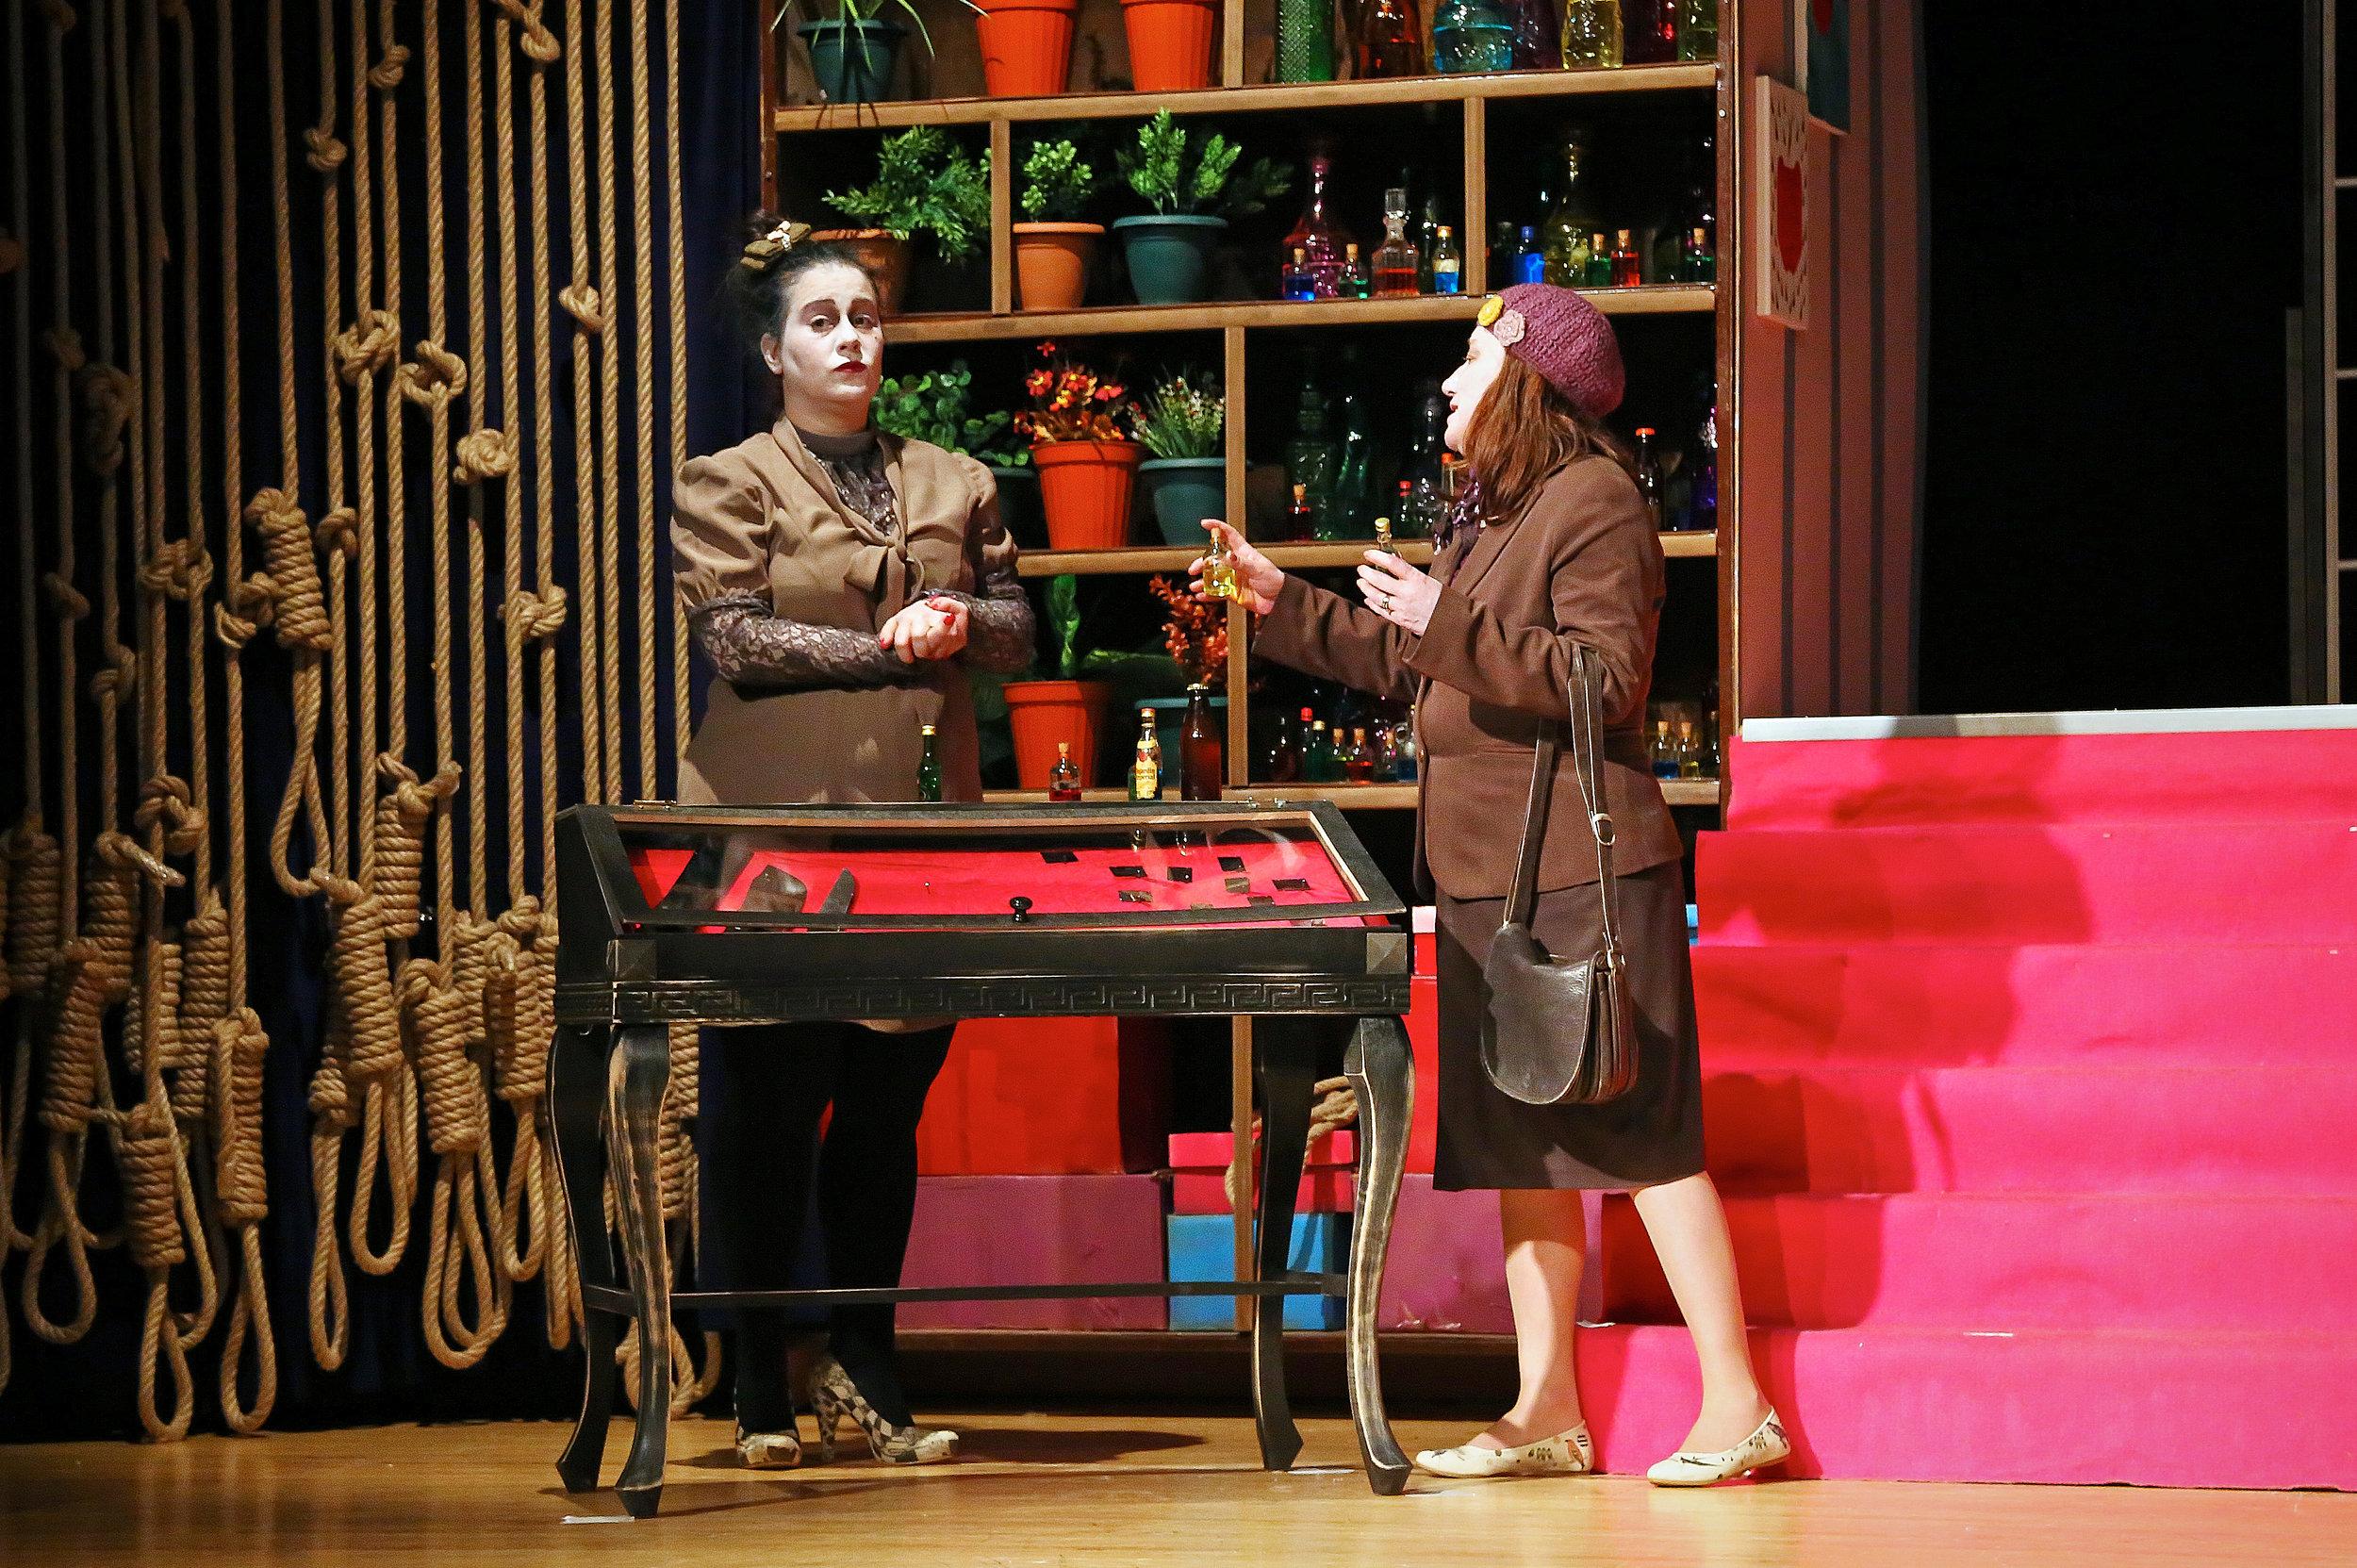 veresiye teklif etmeyin lütfen - tiyatrohane - zeynep nutku